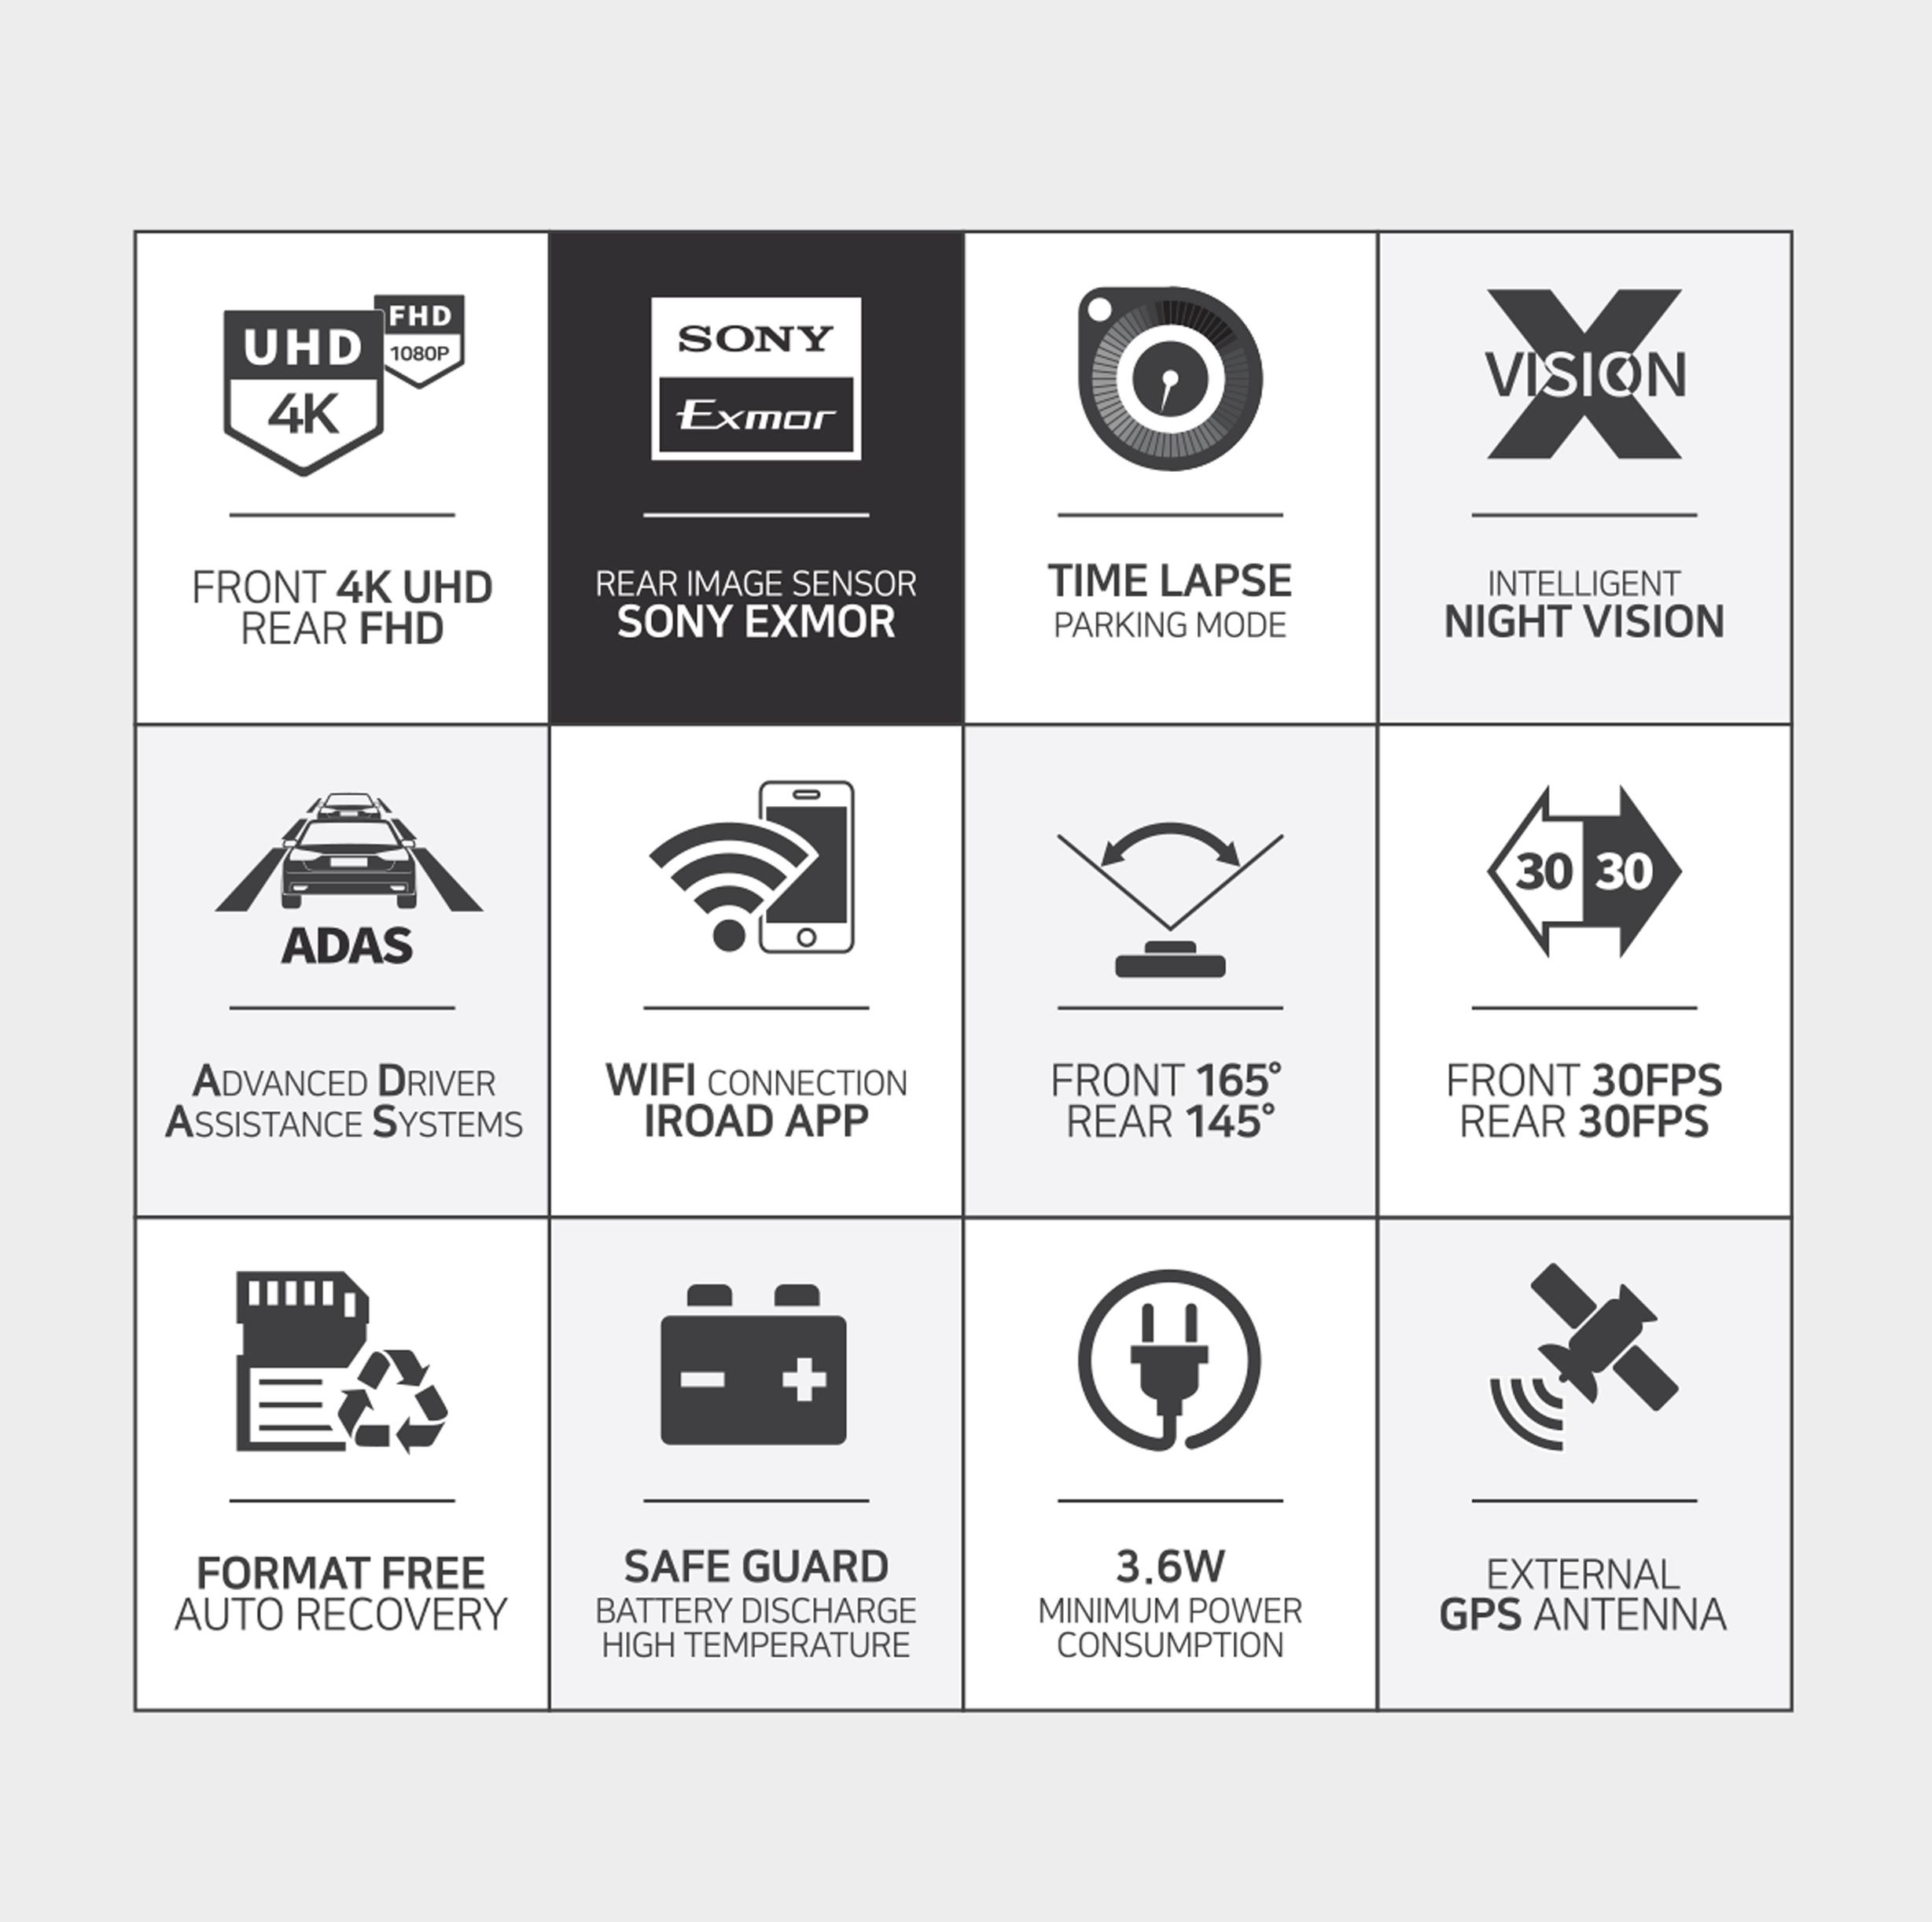 دوربین خودرو آی روود 4k تکنولوژی روز بهترین دوربین خودرو وای فای دار wifi